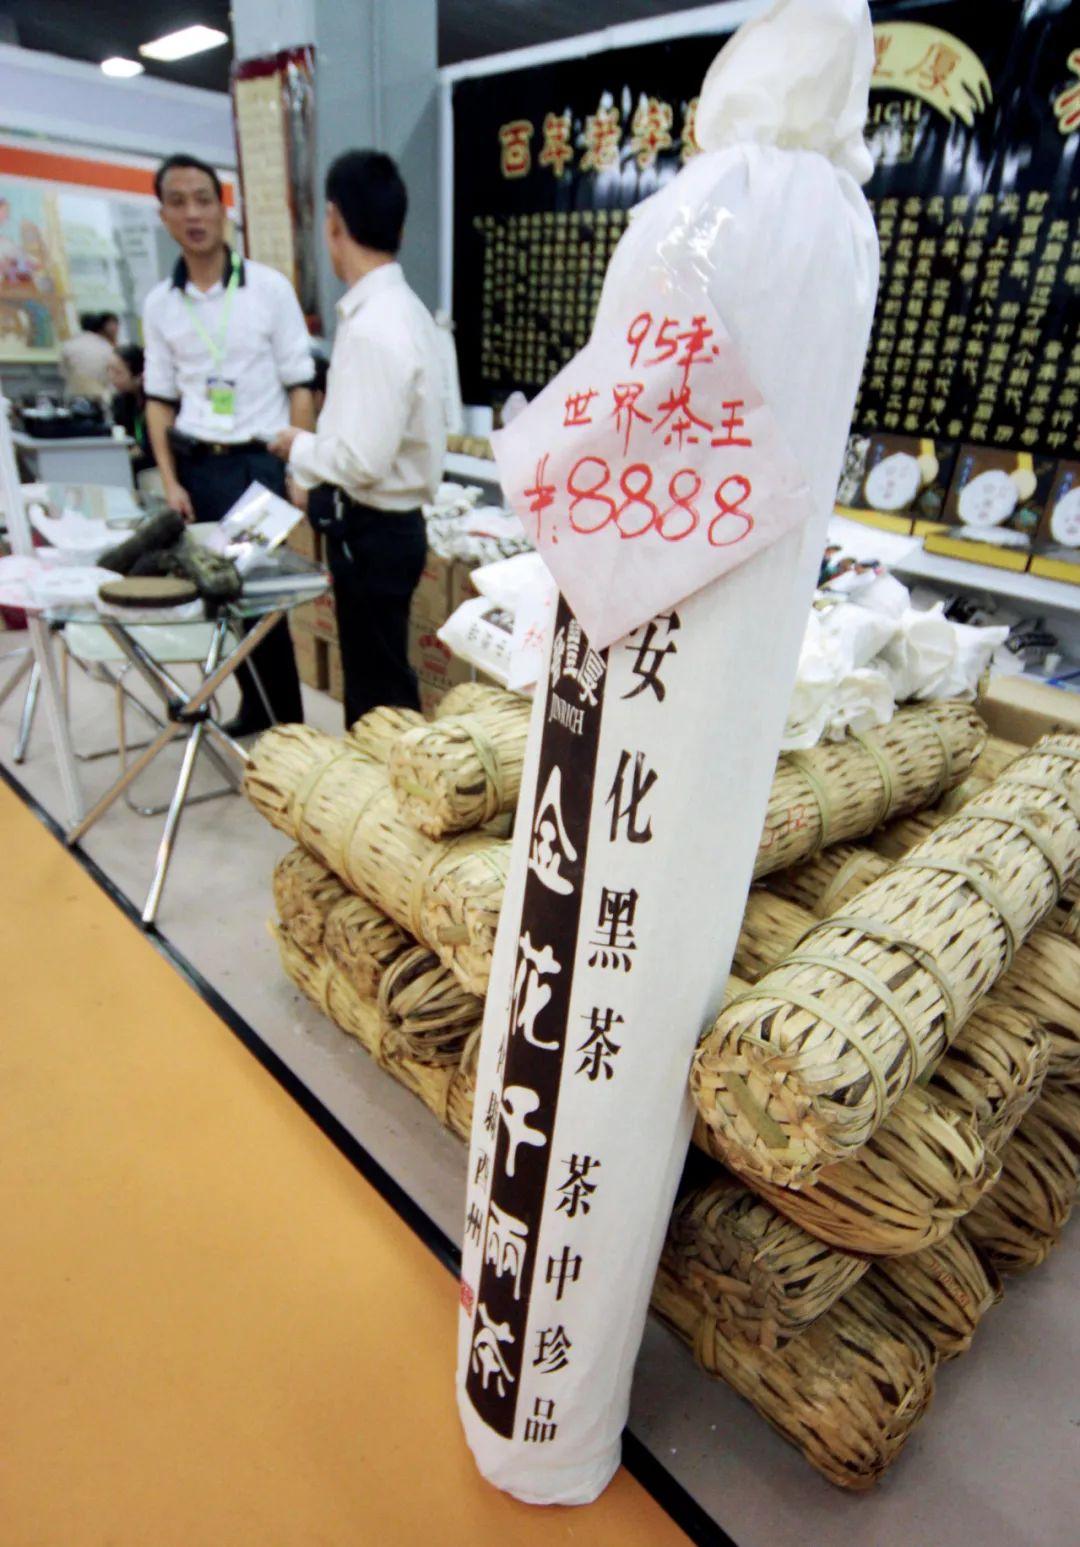 (资料图片)茶叶博览会上展出的黑茶展品。图/视觉中国